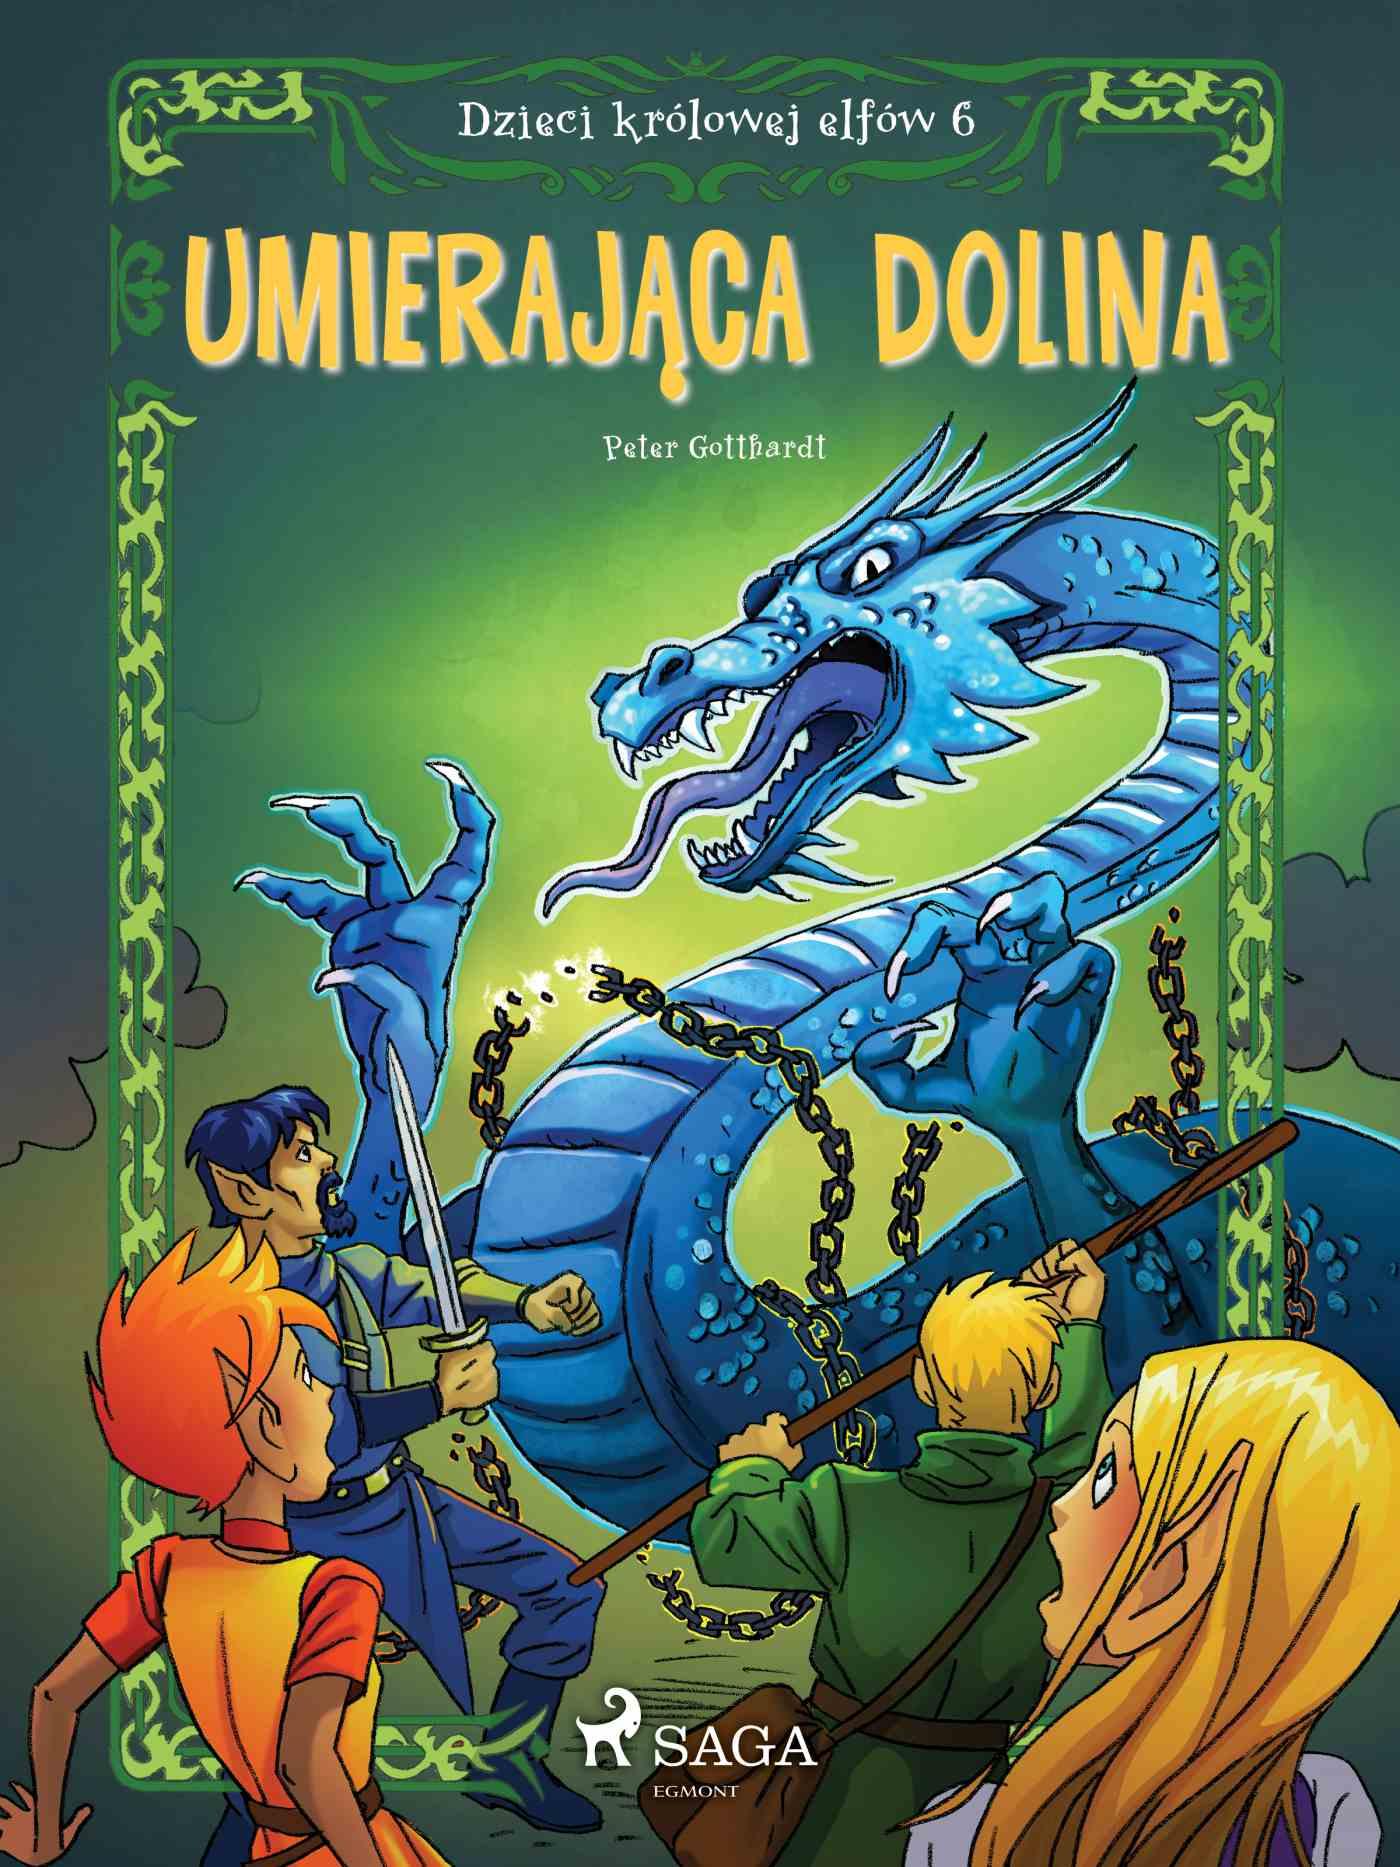 Dzieci królowej elfów 6 - Umierająca dolina - Ebook (Książka EPUB) do pobrania w formacie EPUB